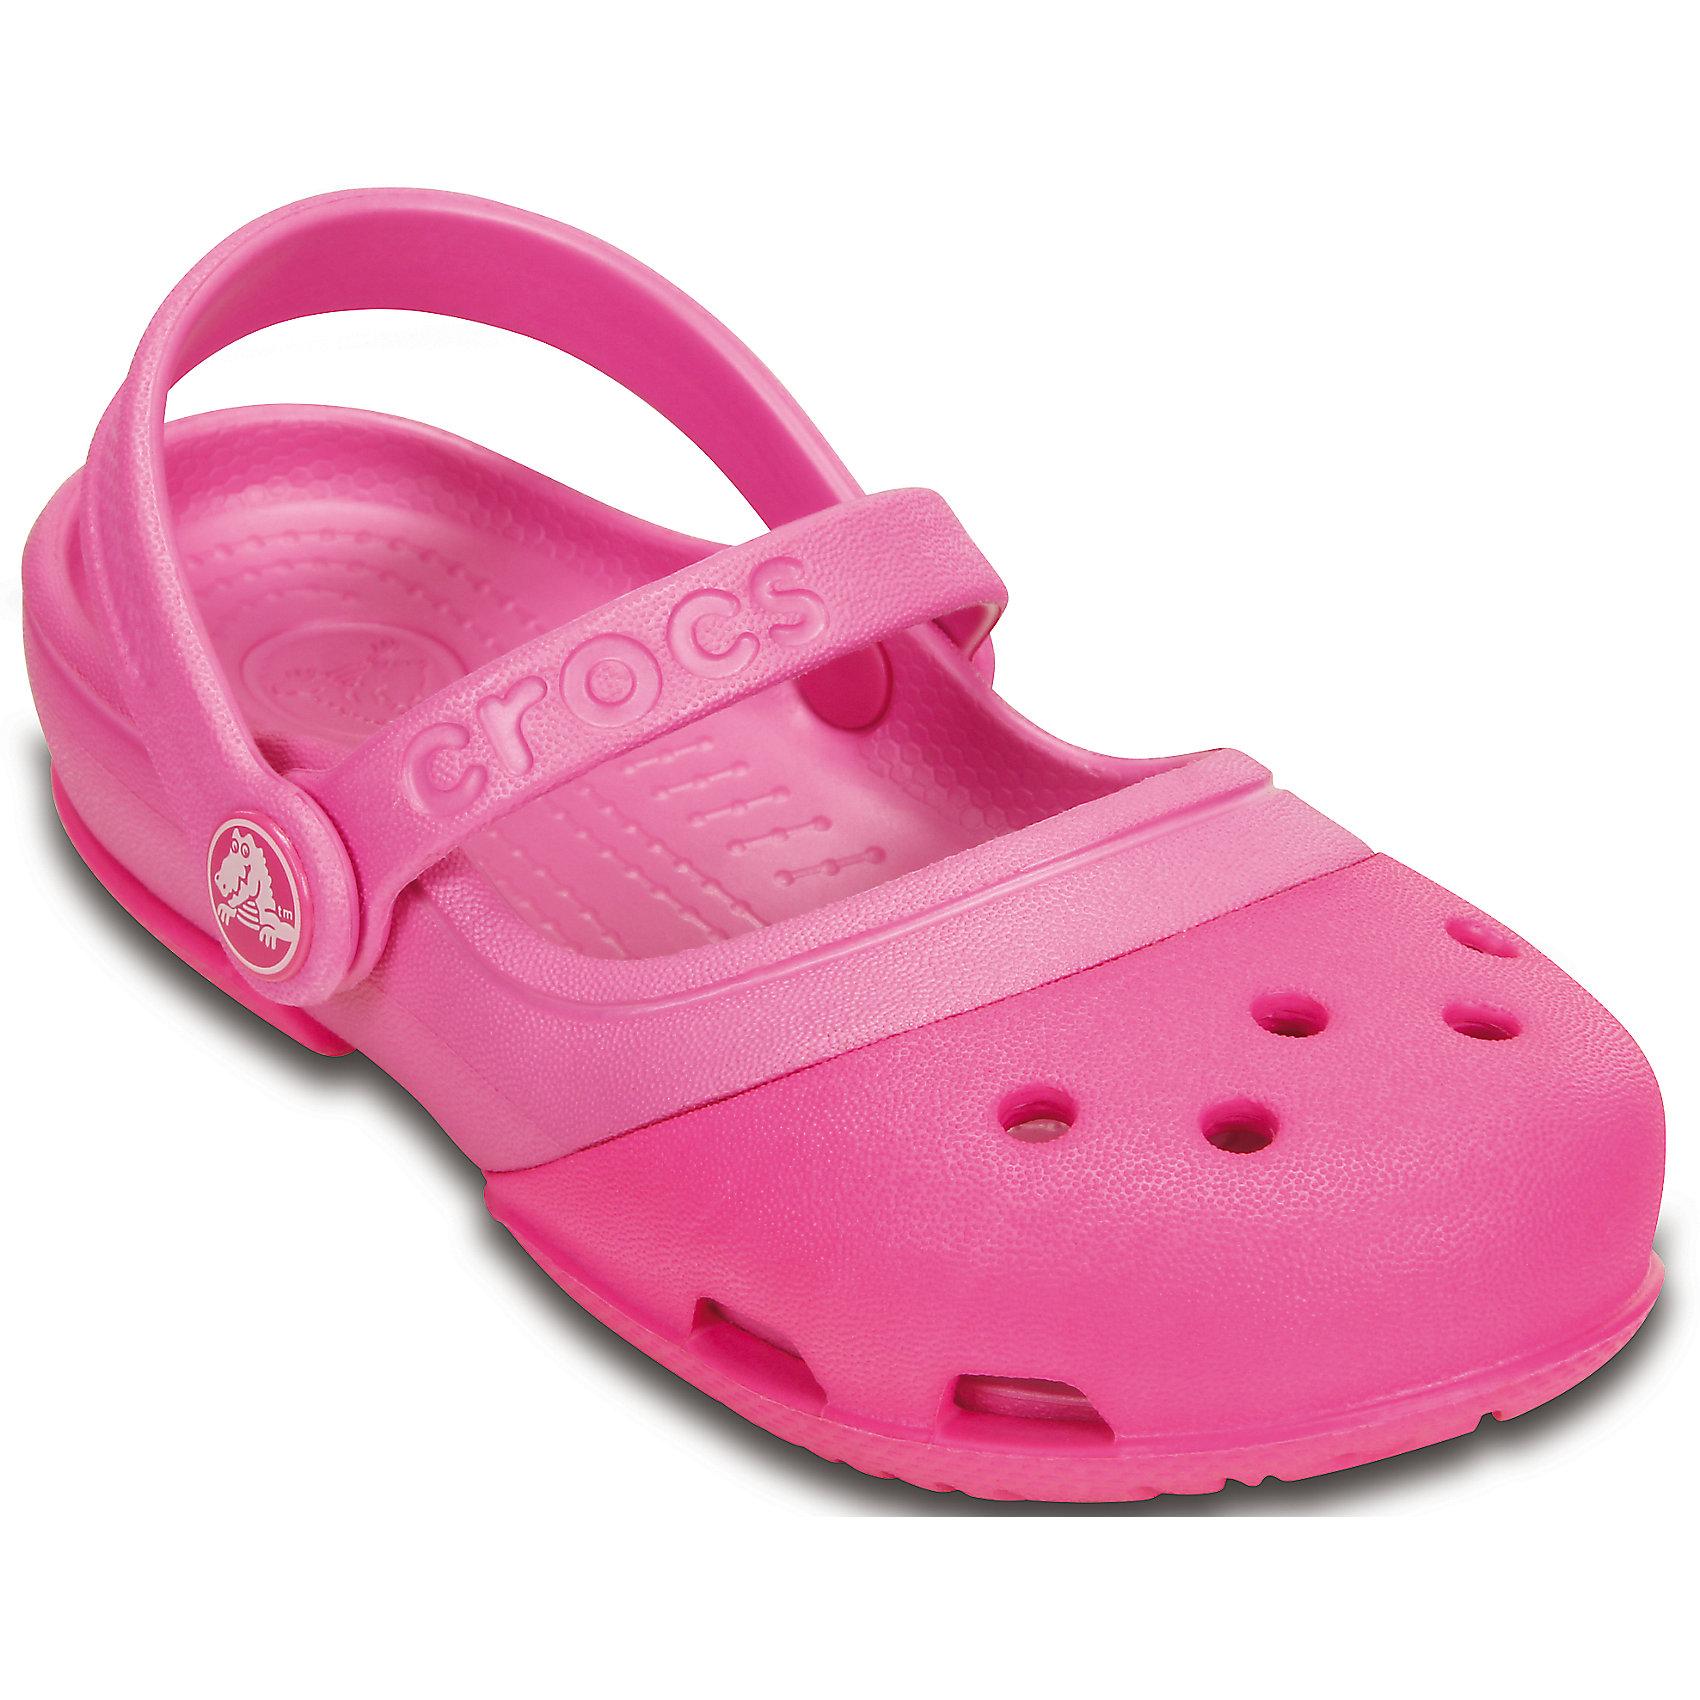 Сабо Electro IIMJPS для девочки CrocsПляжная обувь<br>Характеристики товара:<br><br>• цвет: розовый<br>• материал: 100% полимер Croslite™<br>• литая модель<br>• вентиляционные отверстия<br>• бактериостатичный материал<br>• пяточный ремешок фиксирует стопу<br>• толстая устойчивая подошва<br>• отверстия для использования украшений<br>• анатомическая стелька с массажными точками стимулирует кровообращение<br>• страна бренда: США<br>• страна изготовитель: Китай<br><br>Для правильного развития ребенка крайне важно, чтобы обувь была удобной. Такие сабо обеспечивают детям необходимый комфорт, а анатомическая стелька с массажными линиями для стимуляции кровообращения позволяет ножкам дольше не уставать. Сабо легко надеваются и снимаются, отлично сидят на ноге. Материал, из которого они сделаны, не дает размножаться бактериям, поэтому такая обувь препятствует образованию неприятного запаха и появлению болезней стоп. <br>Обувь от американского бренда Crocs в данный момент завоевала широкую популярность во всем мире, и это не удивительно - ведь она невероятно удобна. Её носят врачи, спортсмены, звёзды шоу-бизнеса, люди, которым много времени приходится бывать на ногах - они понимают, как важна комфортная обувь. Продукция Crocs - это качественные товары, созданные с применением новейших технологий. Обувь отличается стильным дизайном и продуманной конструкцией. Изделие производится из качественных и проверенных материалов, которые безопасны для детей.<br><br>Сабо для девочки от торговой марки Crocs можно купить в нашем интернет-магазине.<br><br>Ширина мм: 225<br>Глубина мм: 139<br>Высота мм: 112<br>Вес г: 290<br>Цвет: розовый<br>Возраст от месяцев: 24<br>Возраст до месяцев: 36<br>Пол: Женский<br>Возраст: Детский<br>Размер: 26,31/32,24,28,27,29,30,25<br>SKU: 4828153